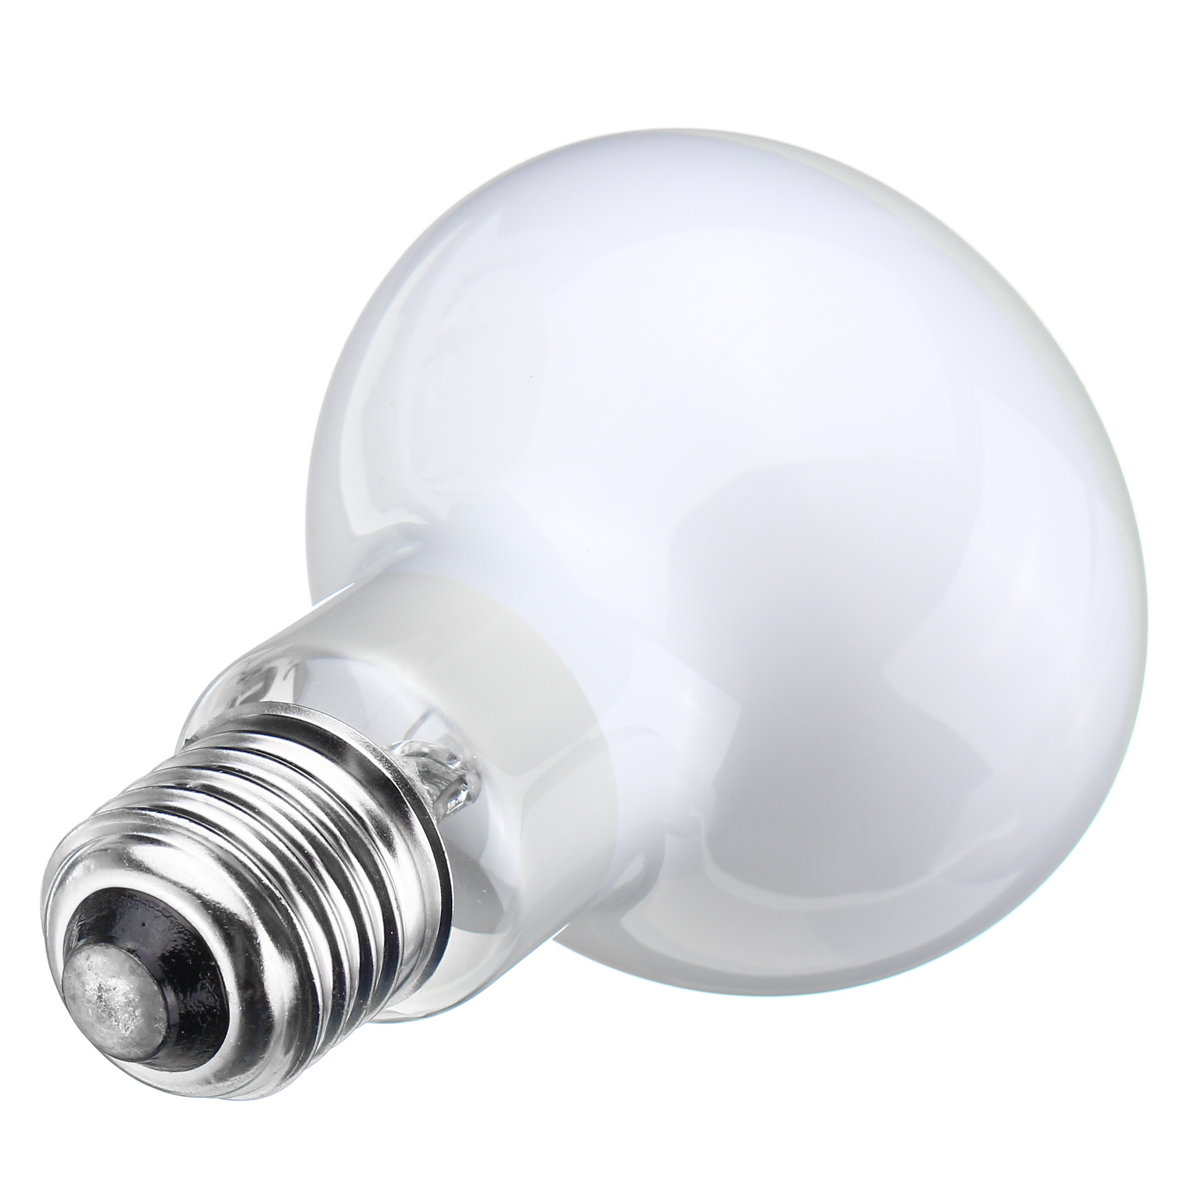 25w 40w 50w 60w 75w 100w R80 Warm White Infrared Heat